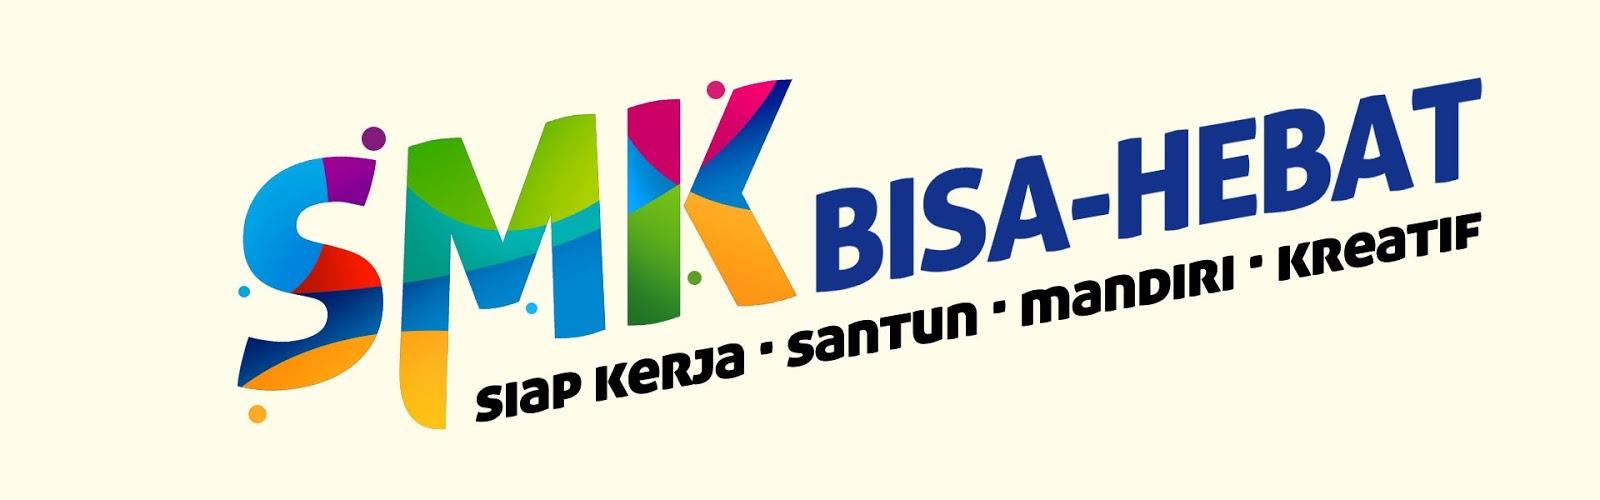 150 Lowongan Kerja Lulusan Ijazah Tamatan Smk Di Lampung Terbaru Juni 2021 Karir Bandar Lampung